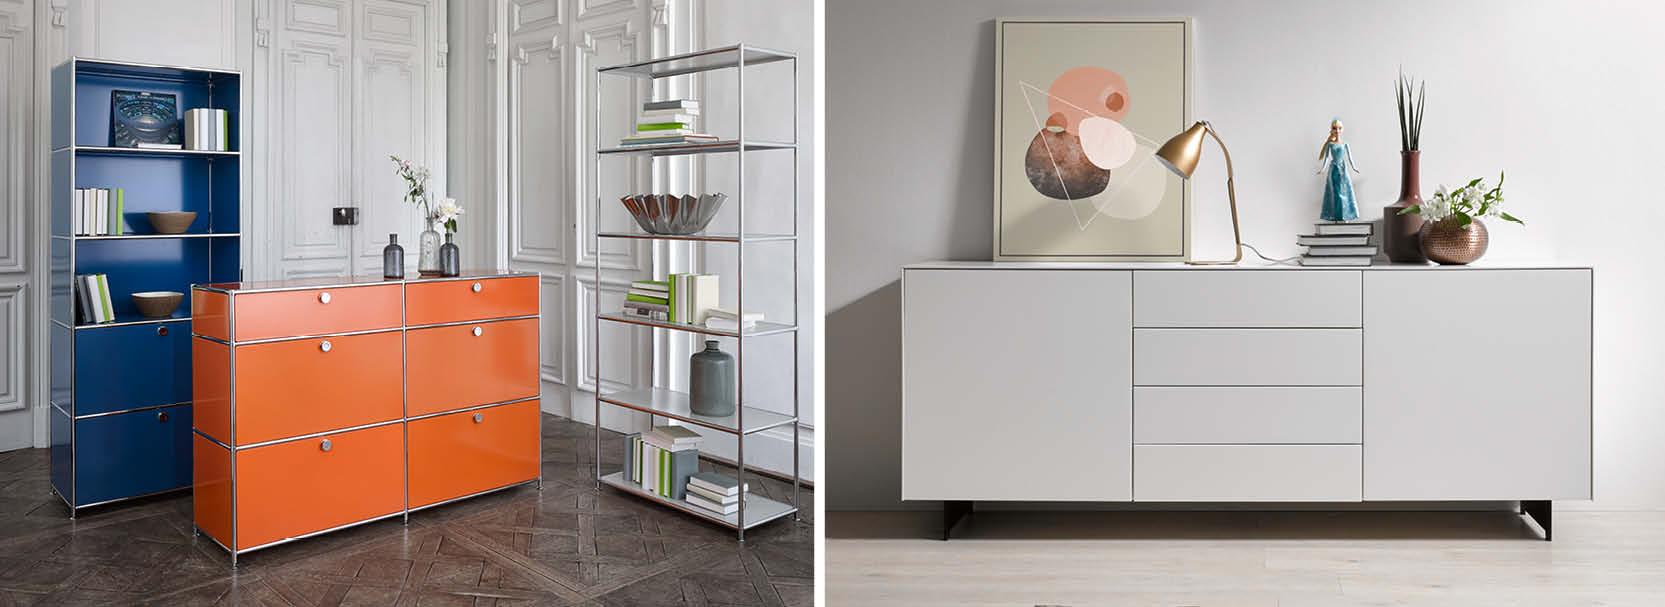 Wohnkonzept Bauhaus Und New Nordic Style